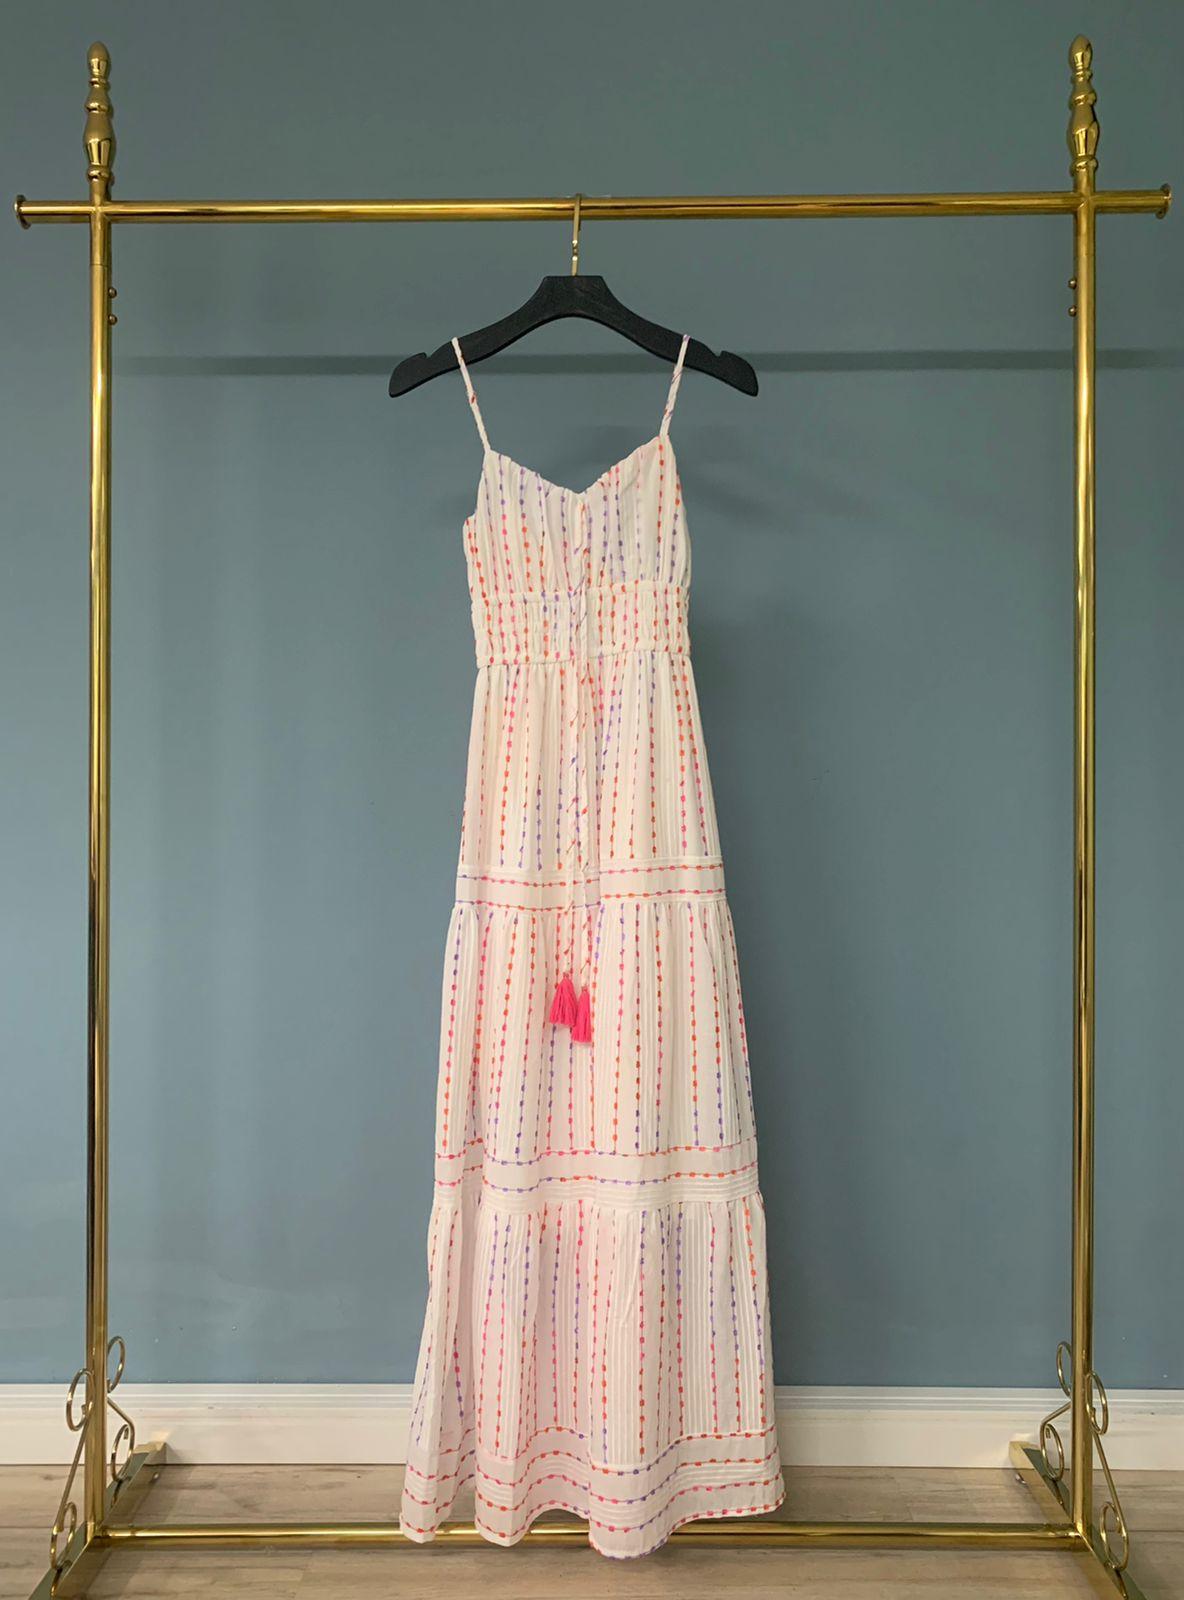 Vestido Hortensia Detalhe Lastex Cintura (Forro) Amarração 100% Algodão